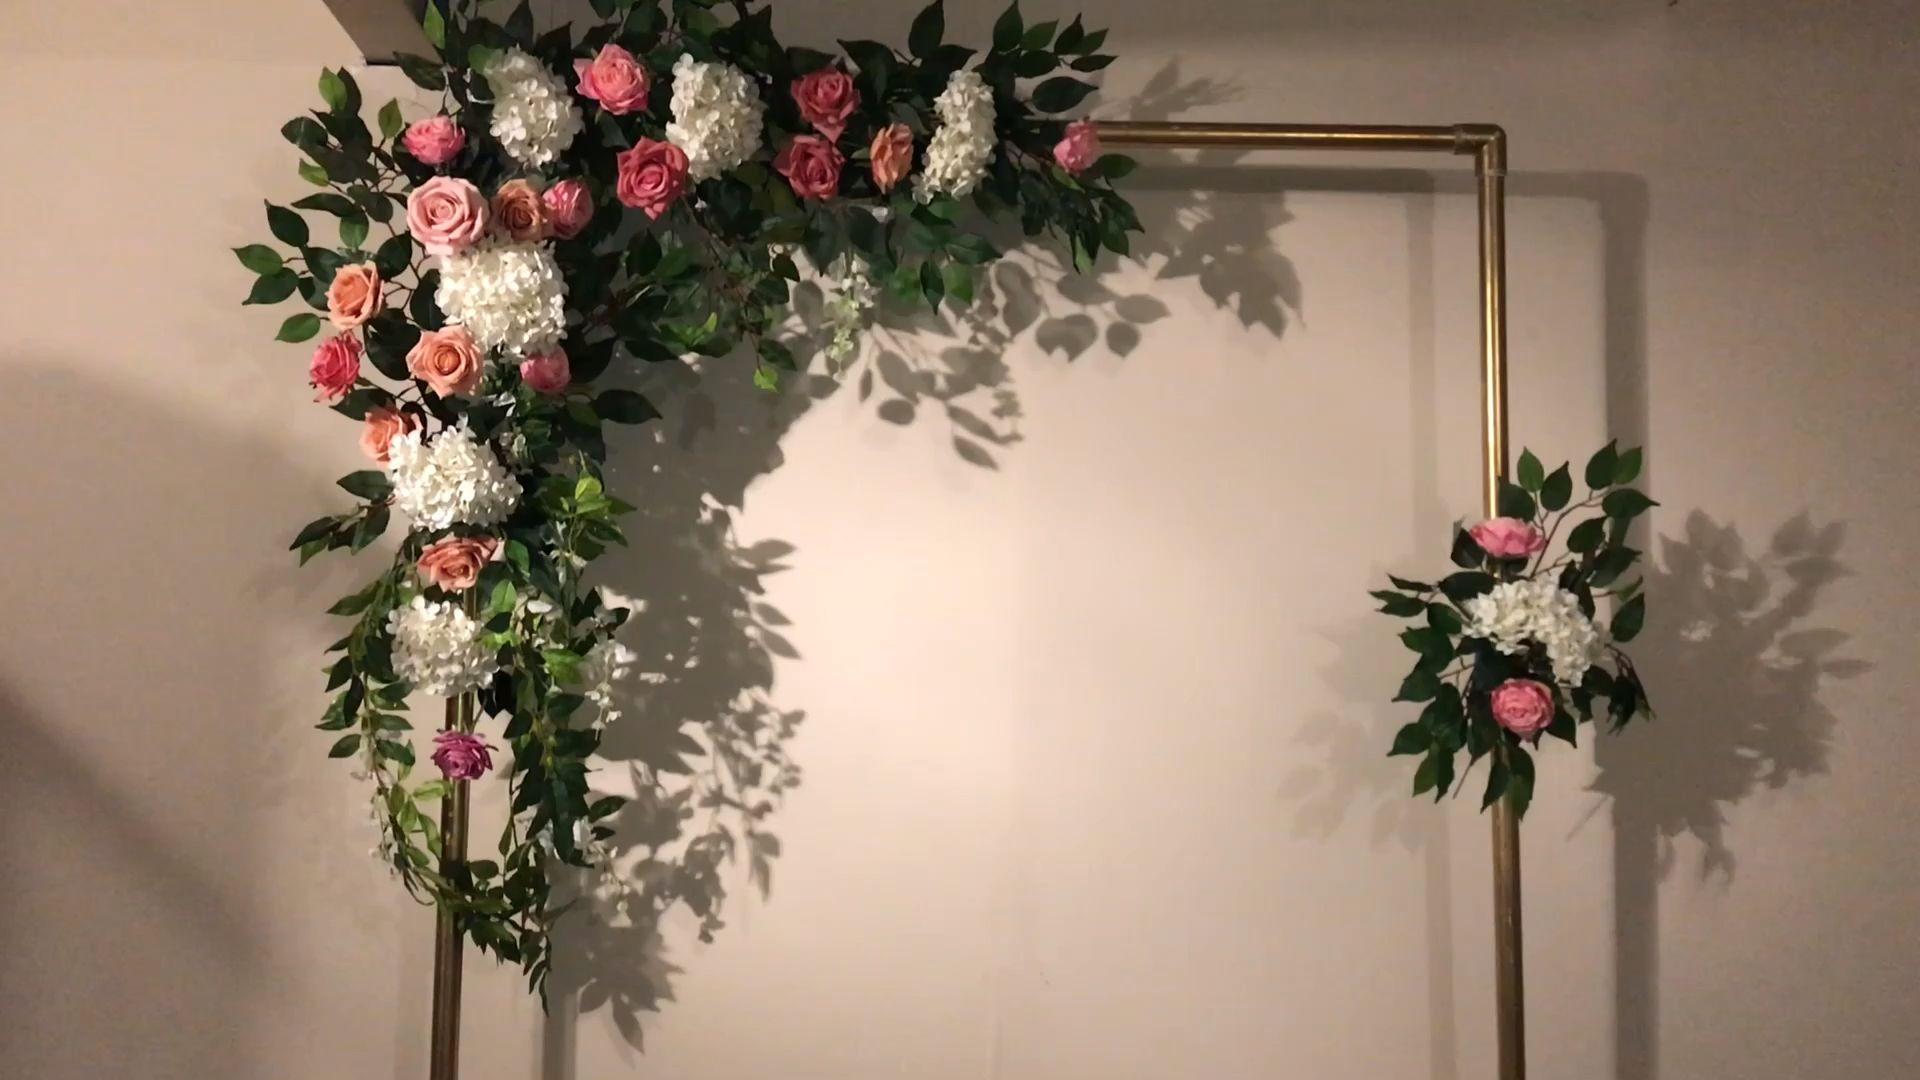 decor #wedding #diywedding #diyweddingdecor #diyweddingideas #wedd ...